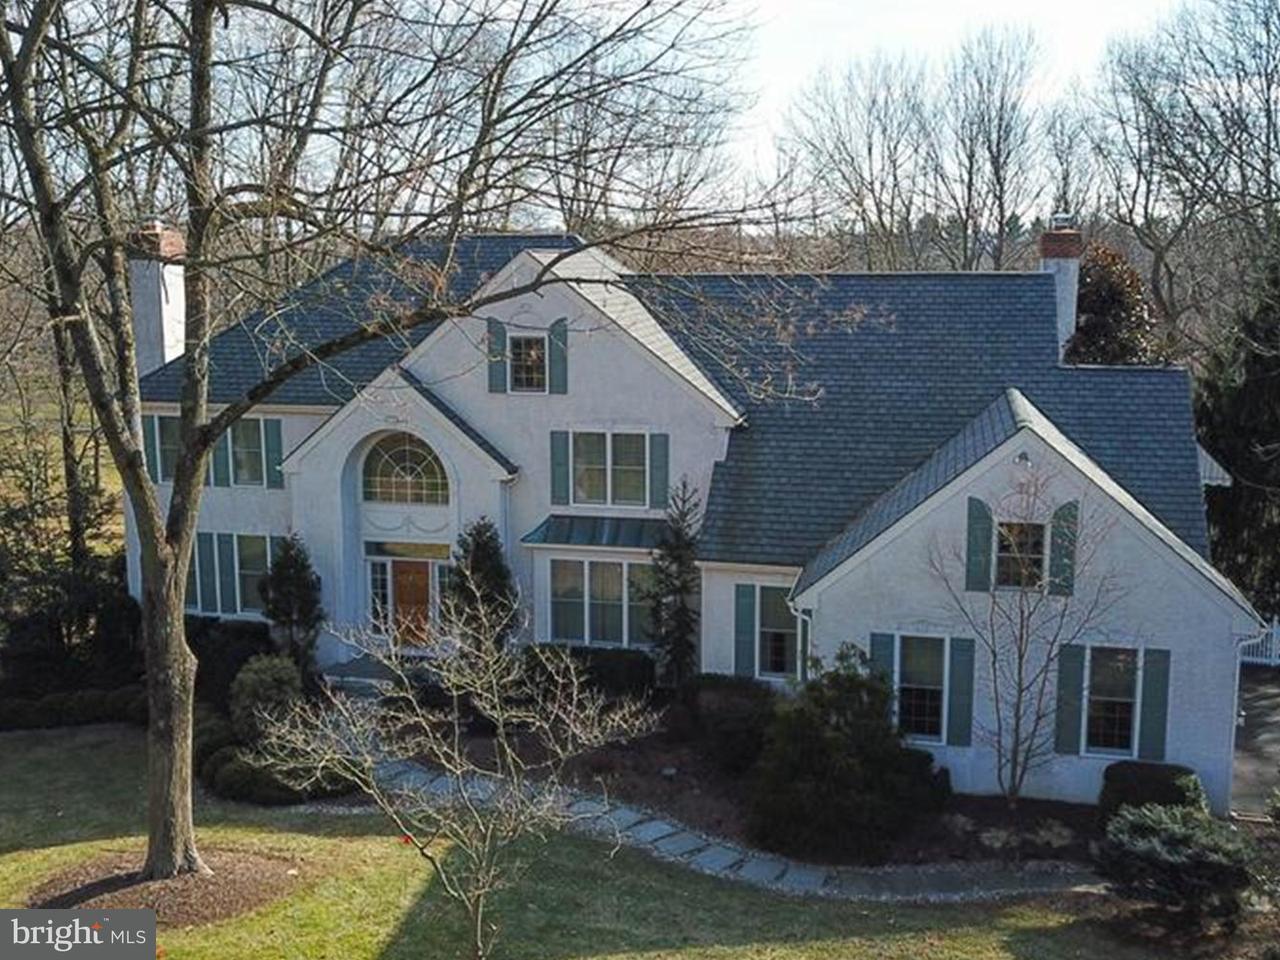 Maison unifamiliale pour l Vente à 116 MONTANA Drive Chadds Ford, Pennsylvanie 19317 États-Unis